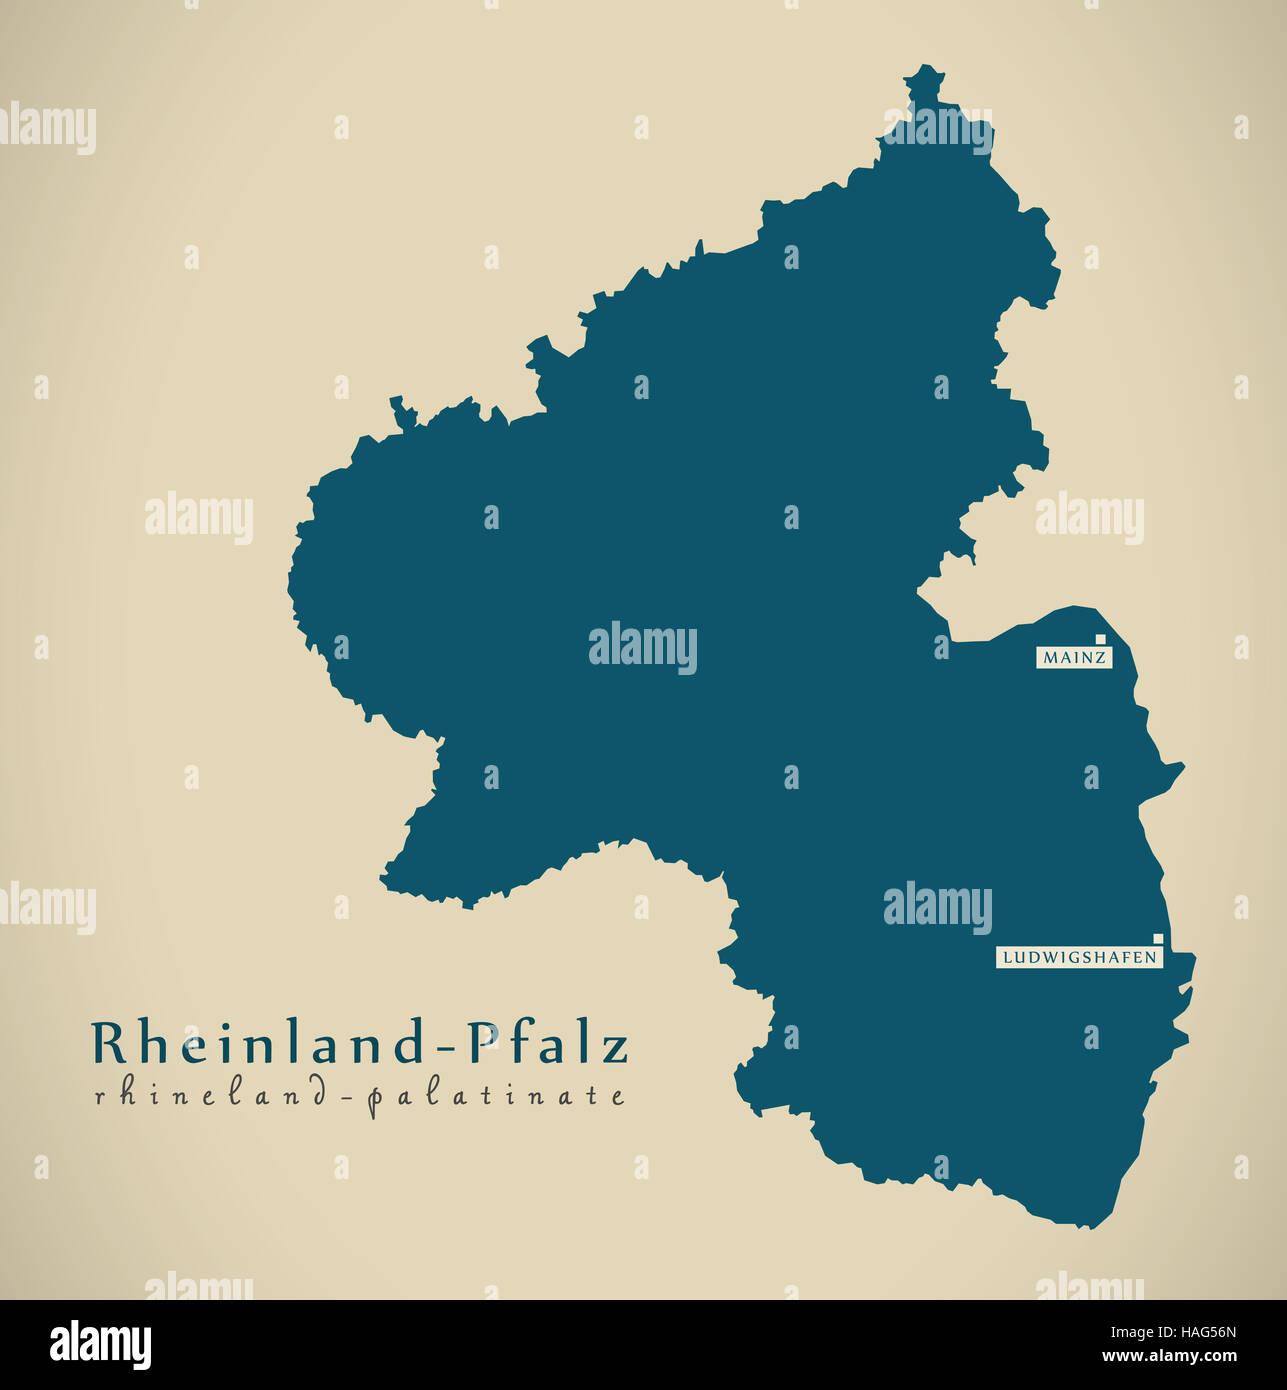 Modern Map Rheinland Pfalz De Germany Stock Photo 126974477 Alamy